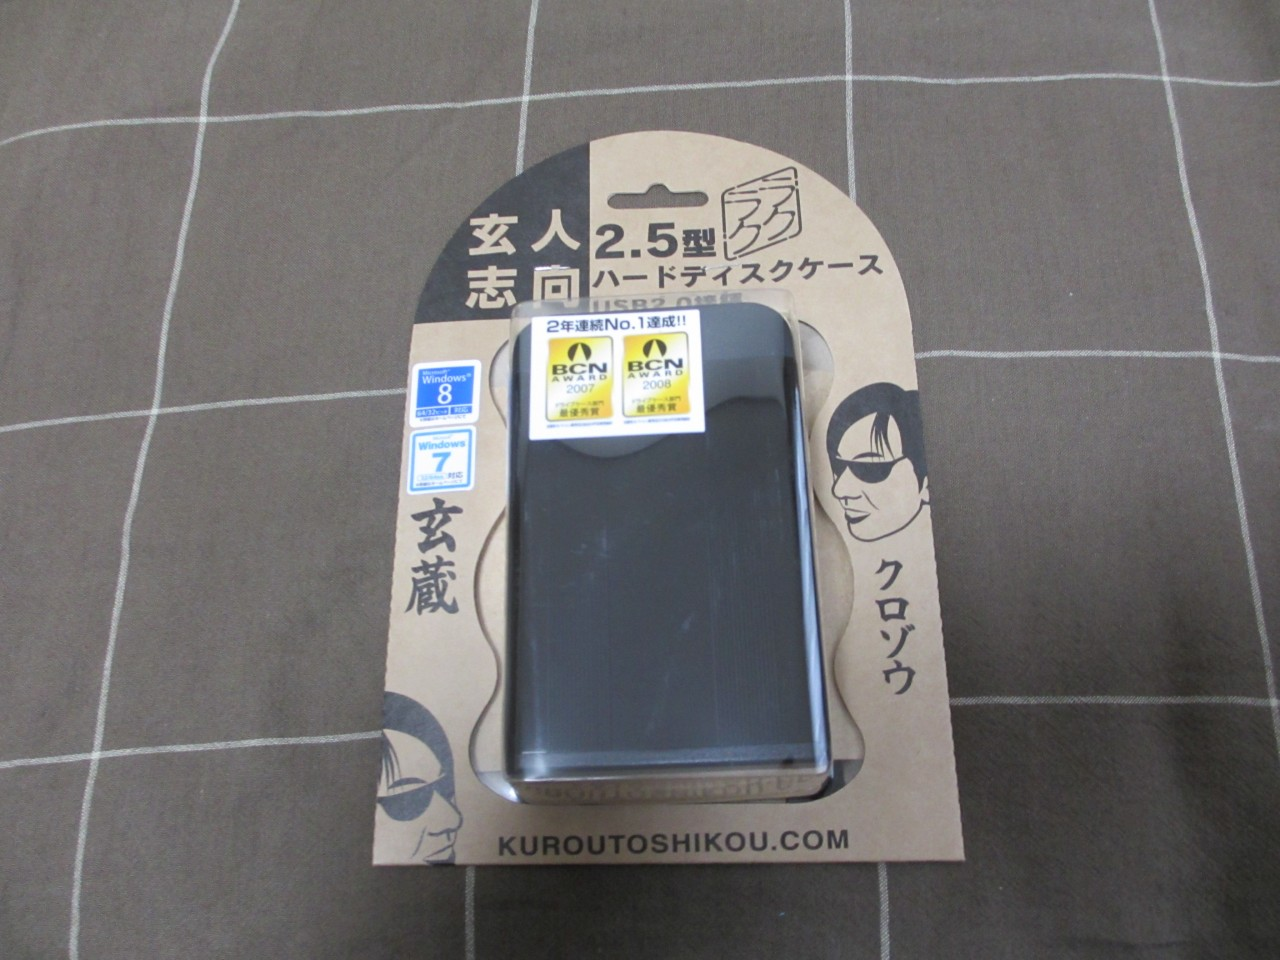 2.5インチ HDDケース